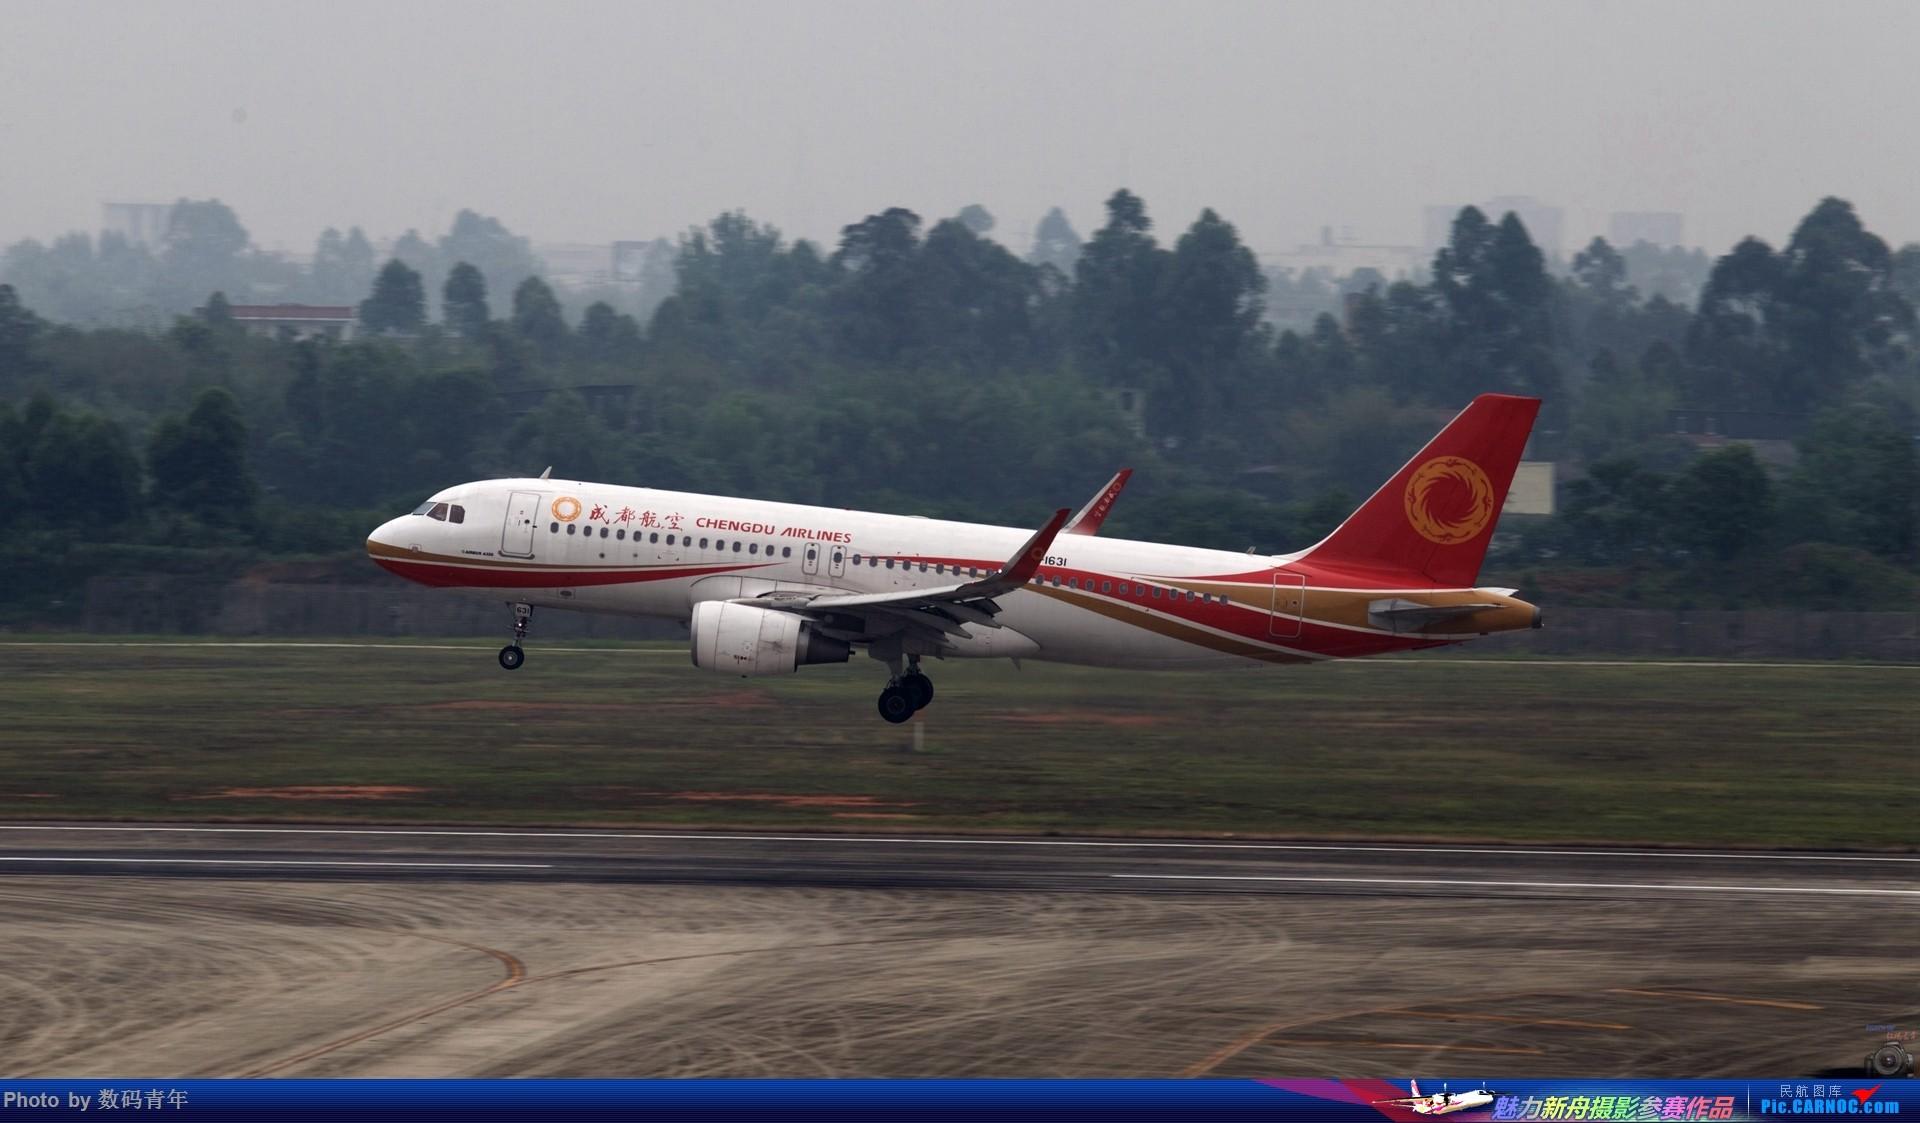 Re:[原创]重出江湖【CTU】2015.5.17打飞机 AIRBUS A320-200 B-1631 中国成都双流国际机场